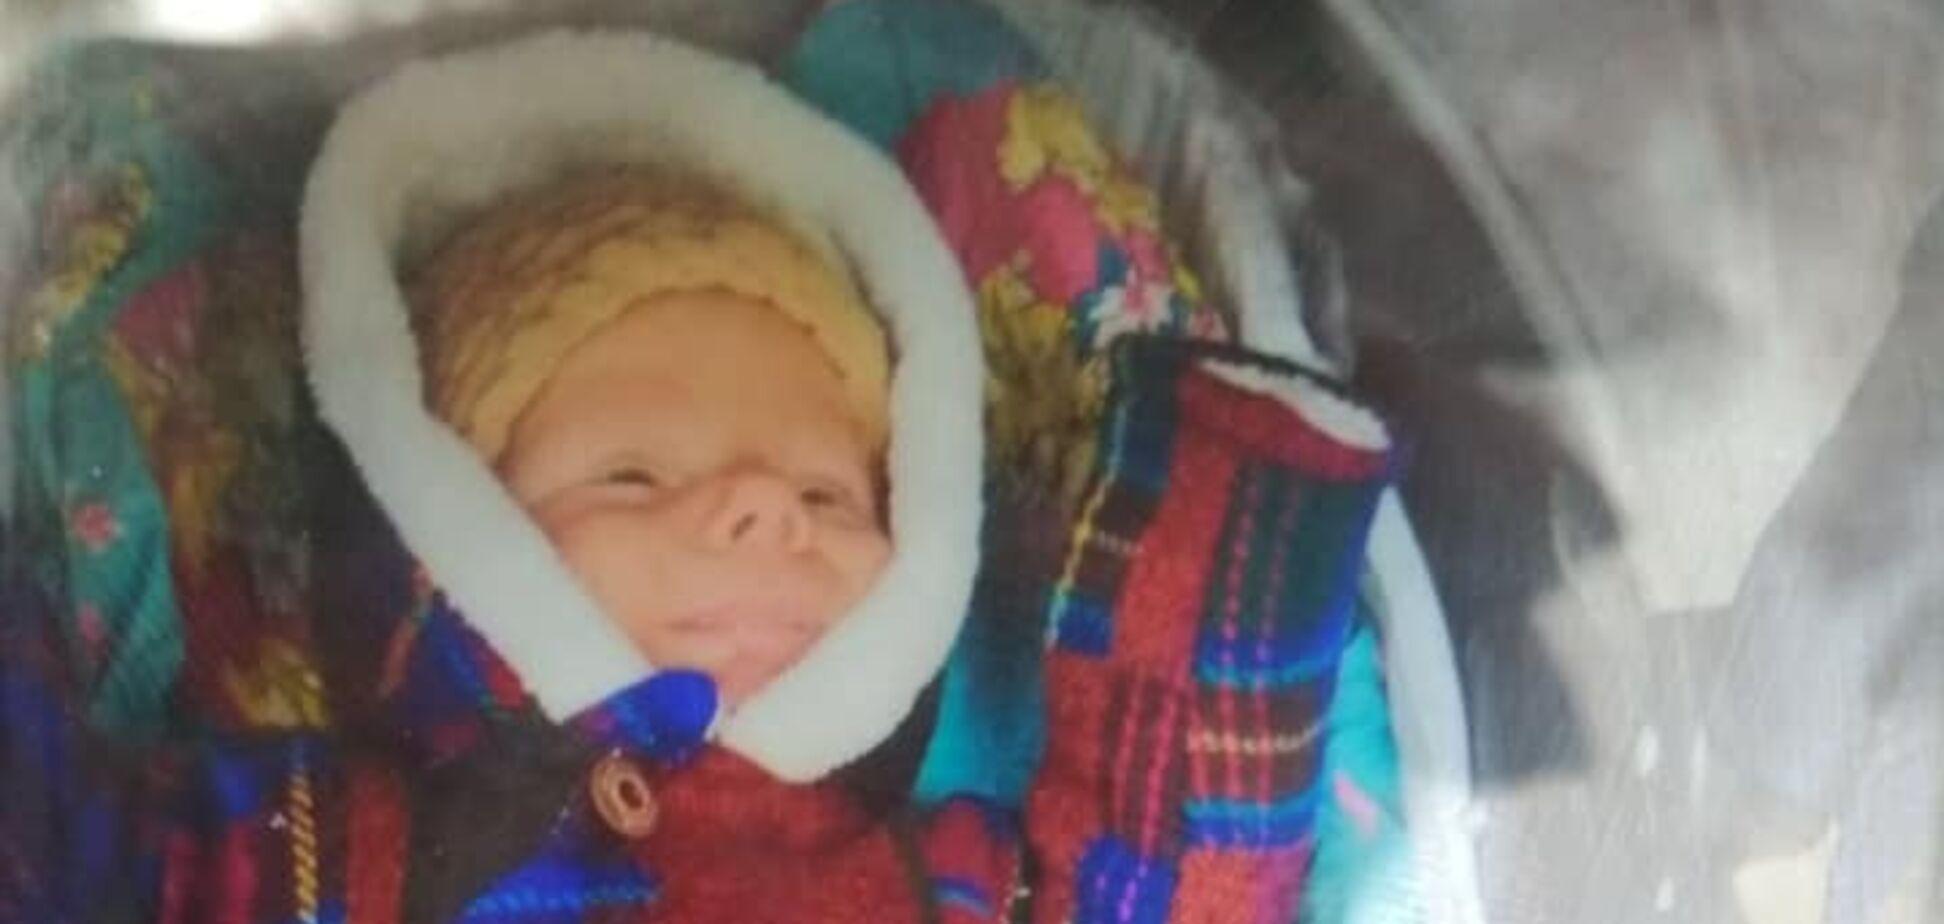 Ребенка нашли: все подробности громкого похищения младенца под Киевом